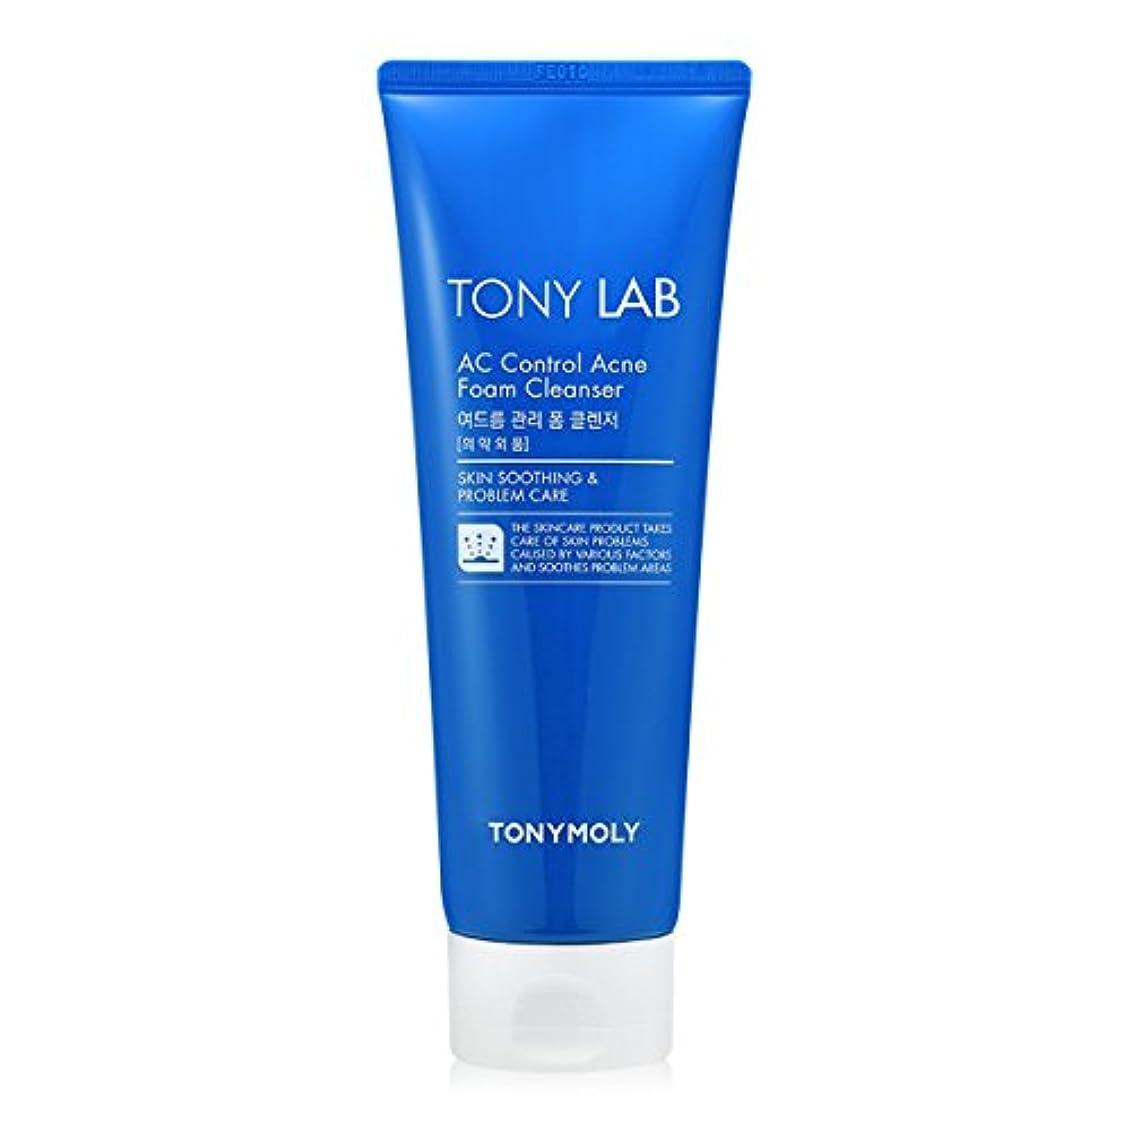 繊維儀式救い[New] TONYMOLY Tony Lab AC Control Acne Foam Cleanser 150ml/トニーモリー トニー ラボ AC コントロール アクネ フォーム クレンザー 150ml